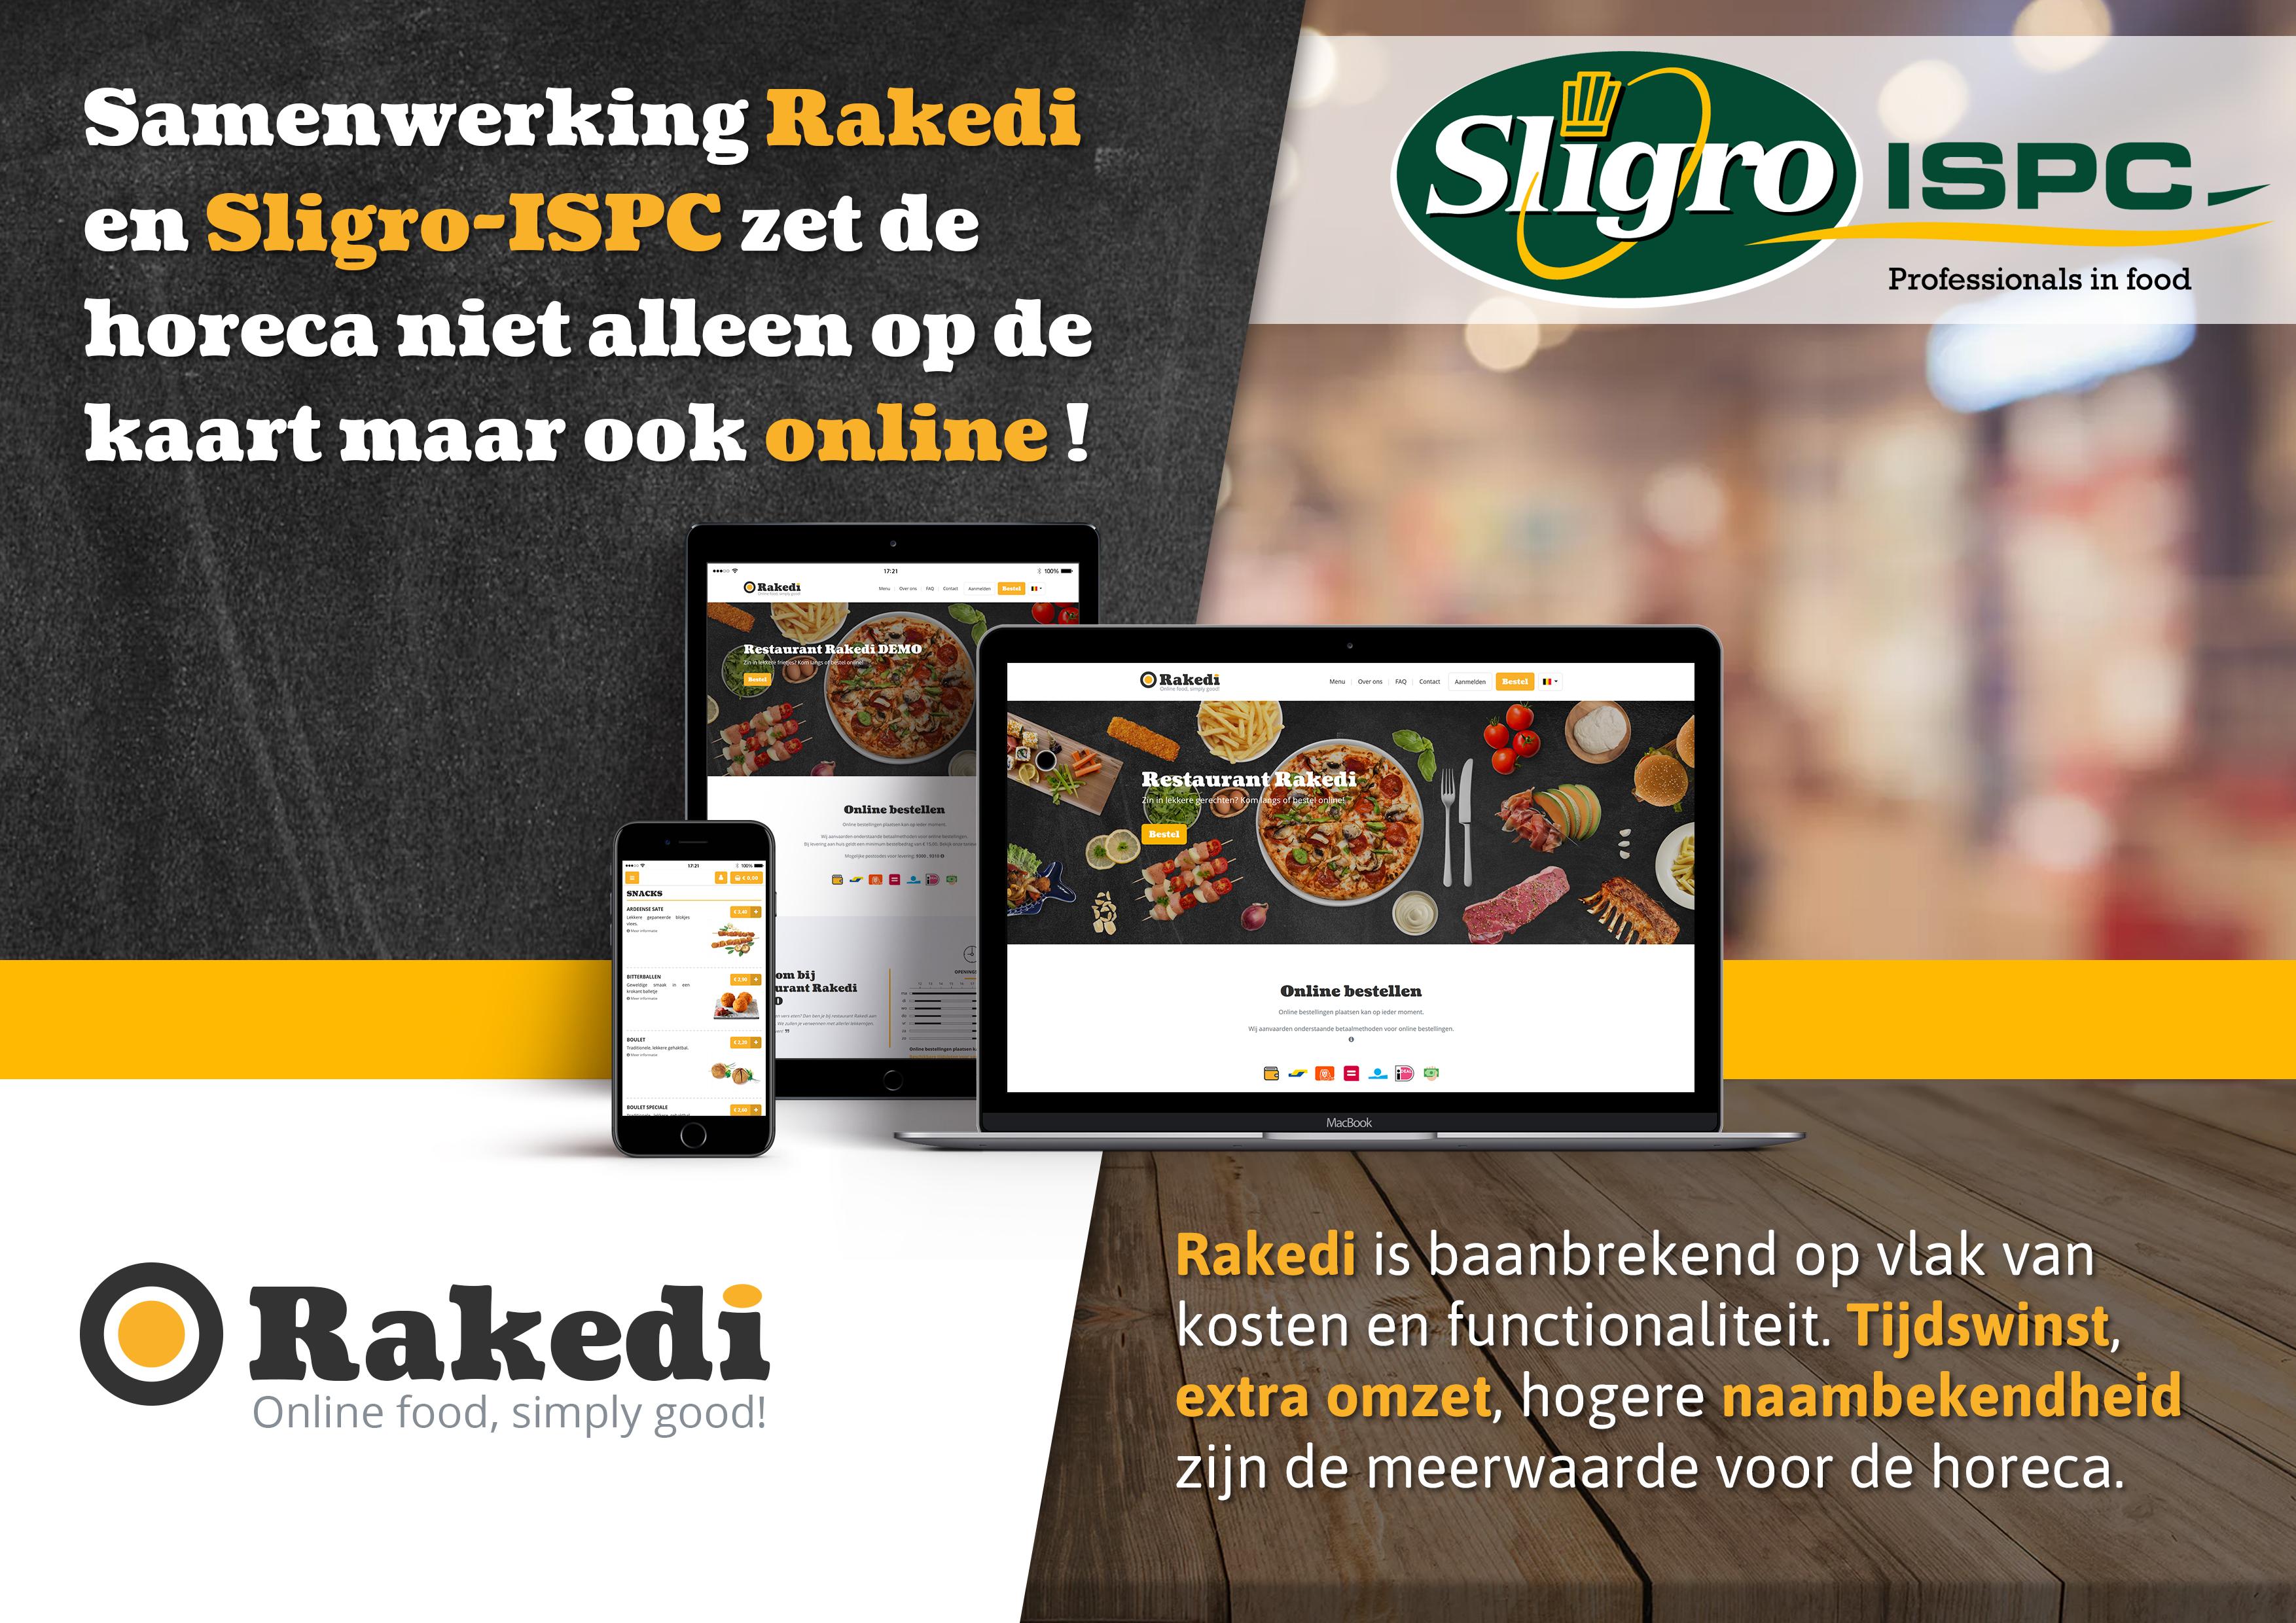 Sligro-ISPC en Rakedi zetten partnership op